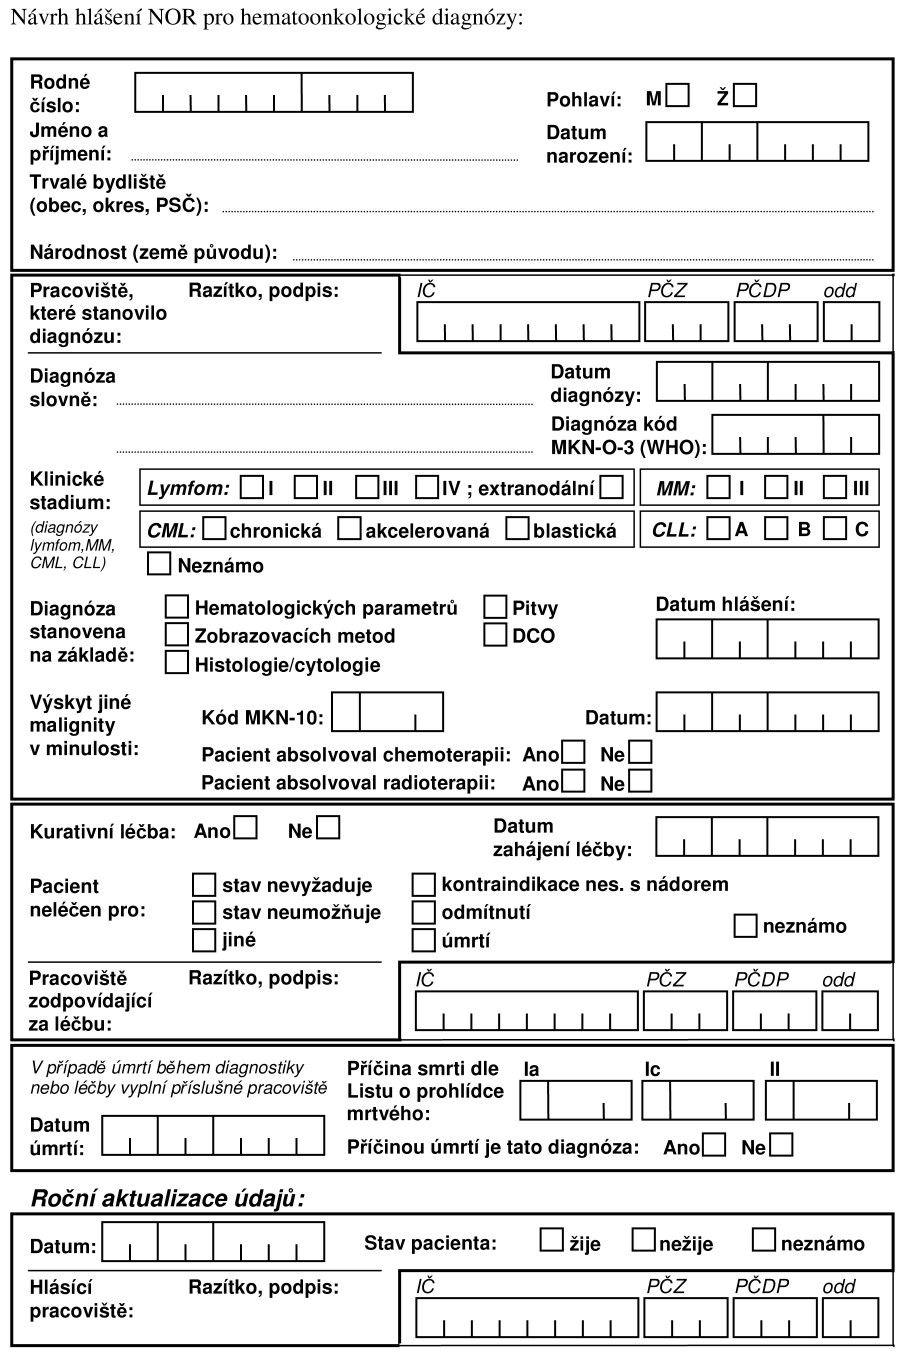 Návrh hlášenky hematoonkologického pacienta.